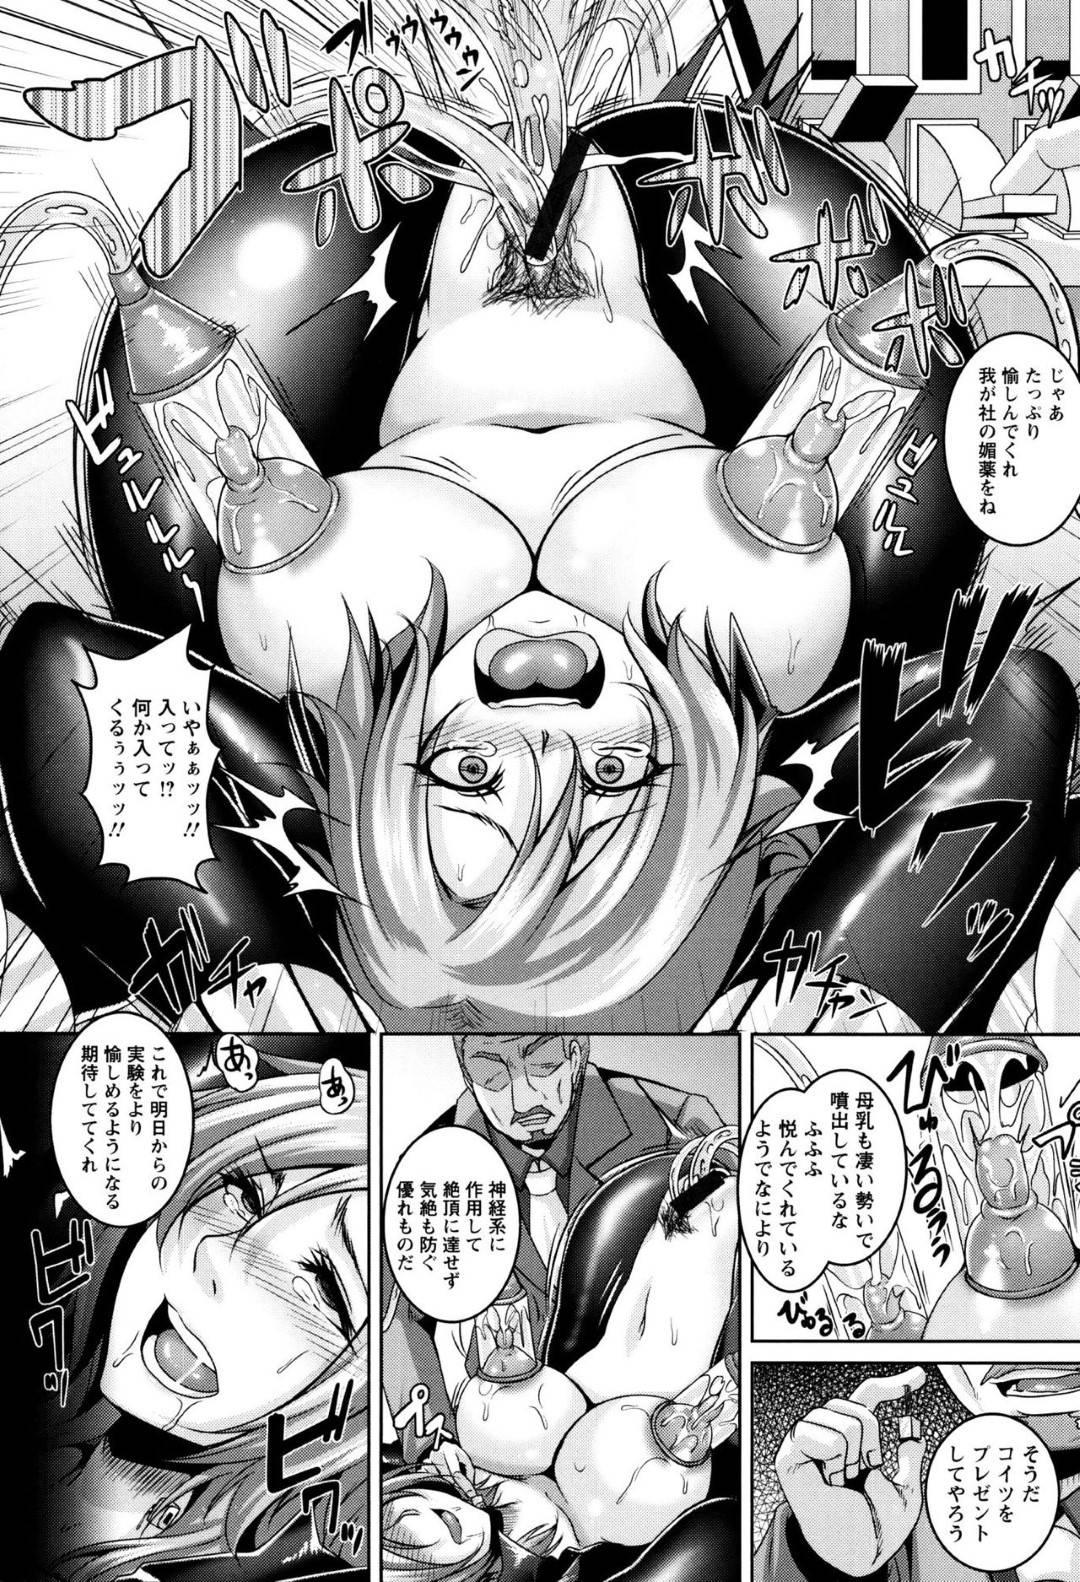 【エロ漫画】囚われの身となってしまったスパイのお姉さん…拘束されて実験道具扱いにされてしまった彼女は薬漬けにさせられて集団レイプされてしまう!